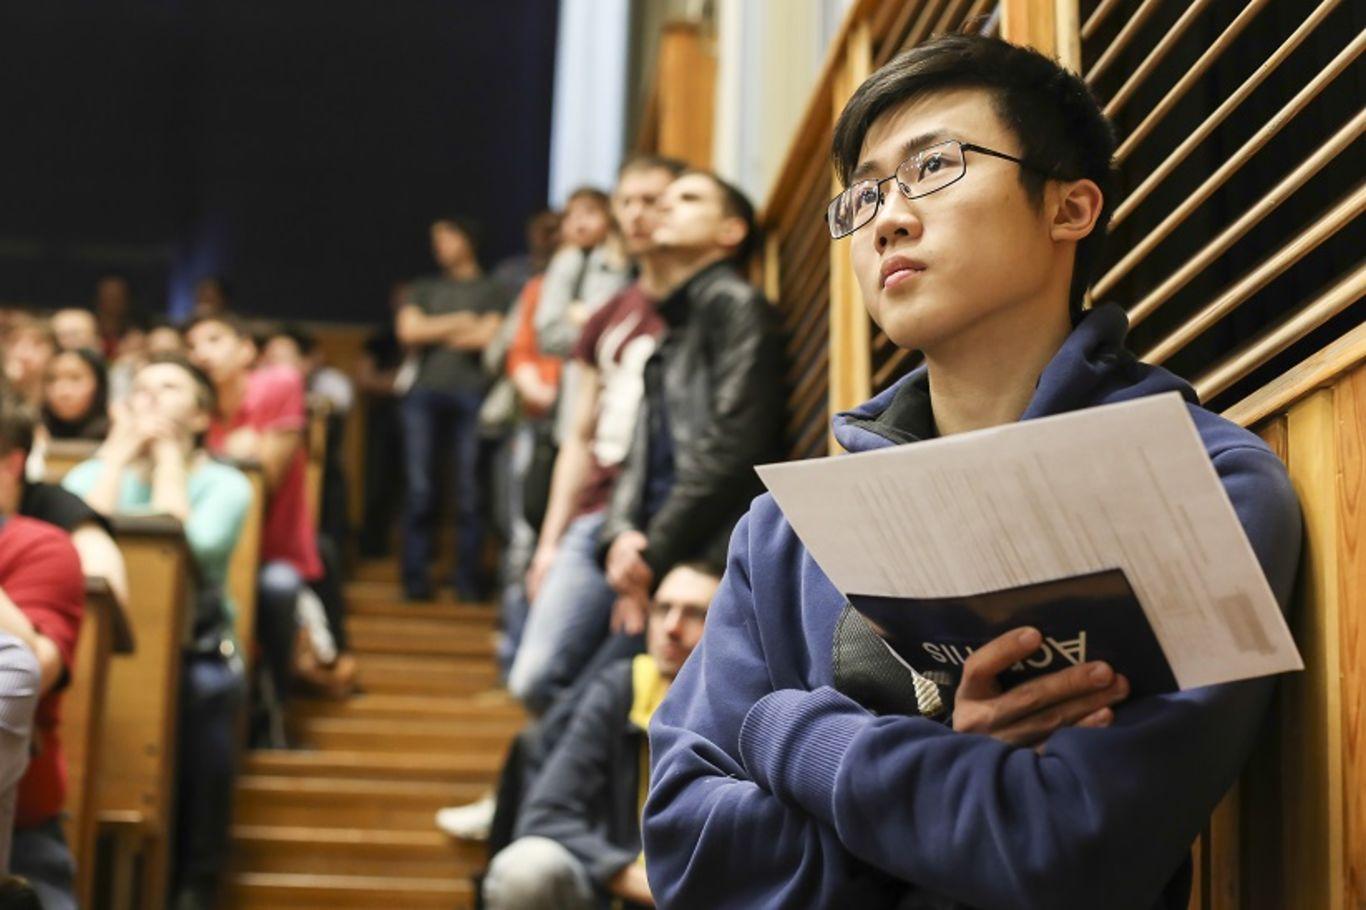 Студентам еще из шести стран разрешили вернуться на обучение в Россию